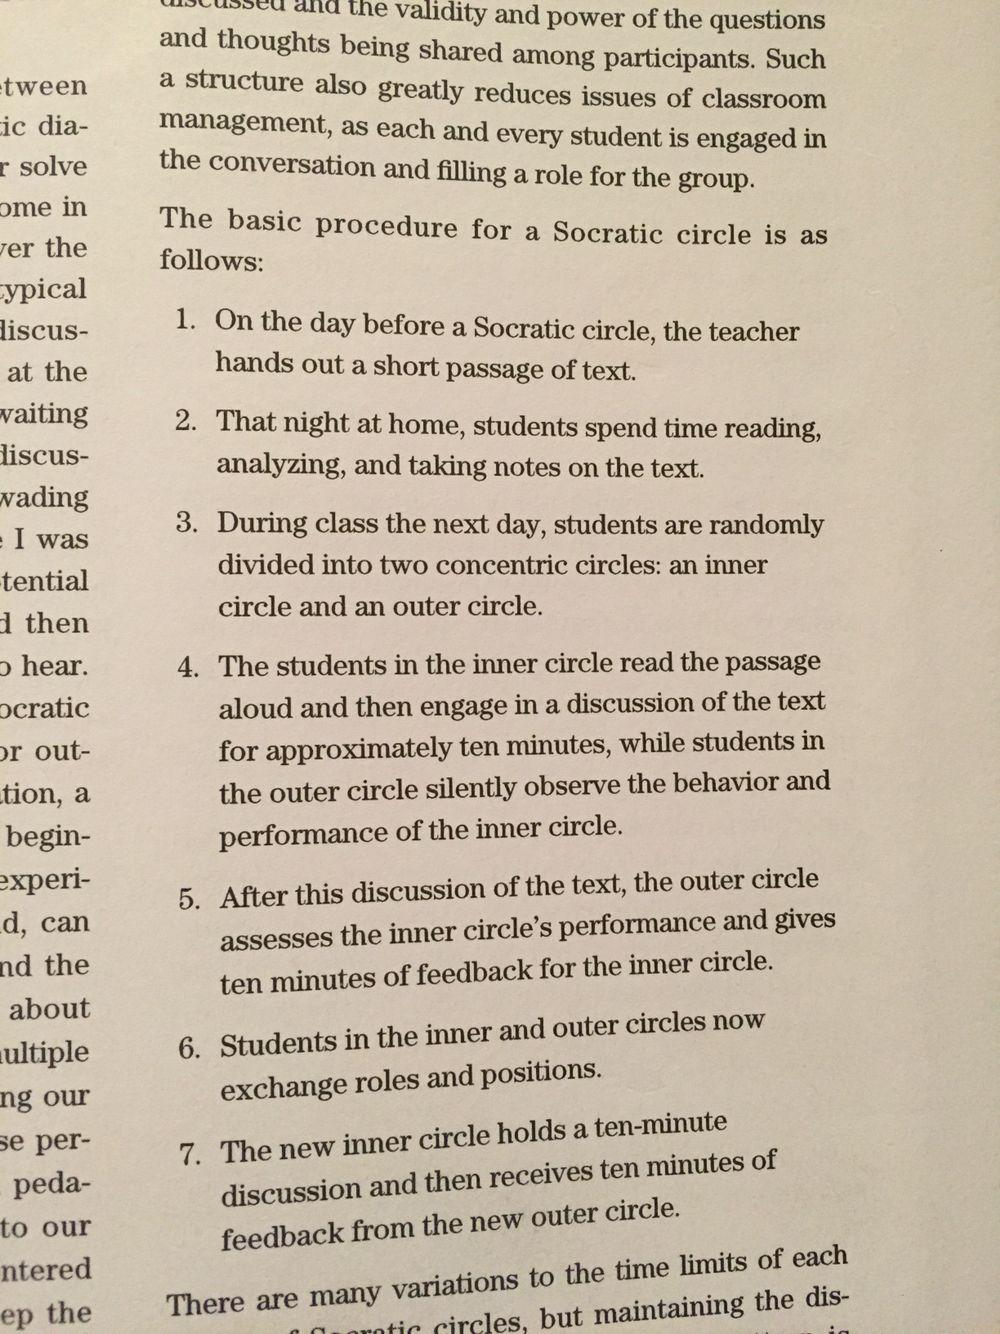 Socratic circle procedures